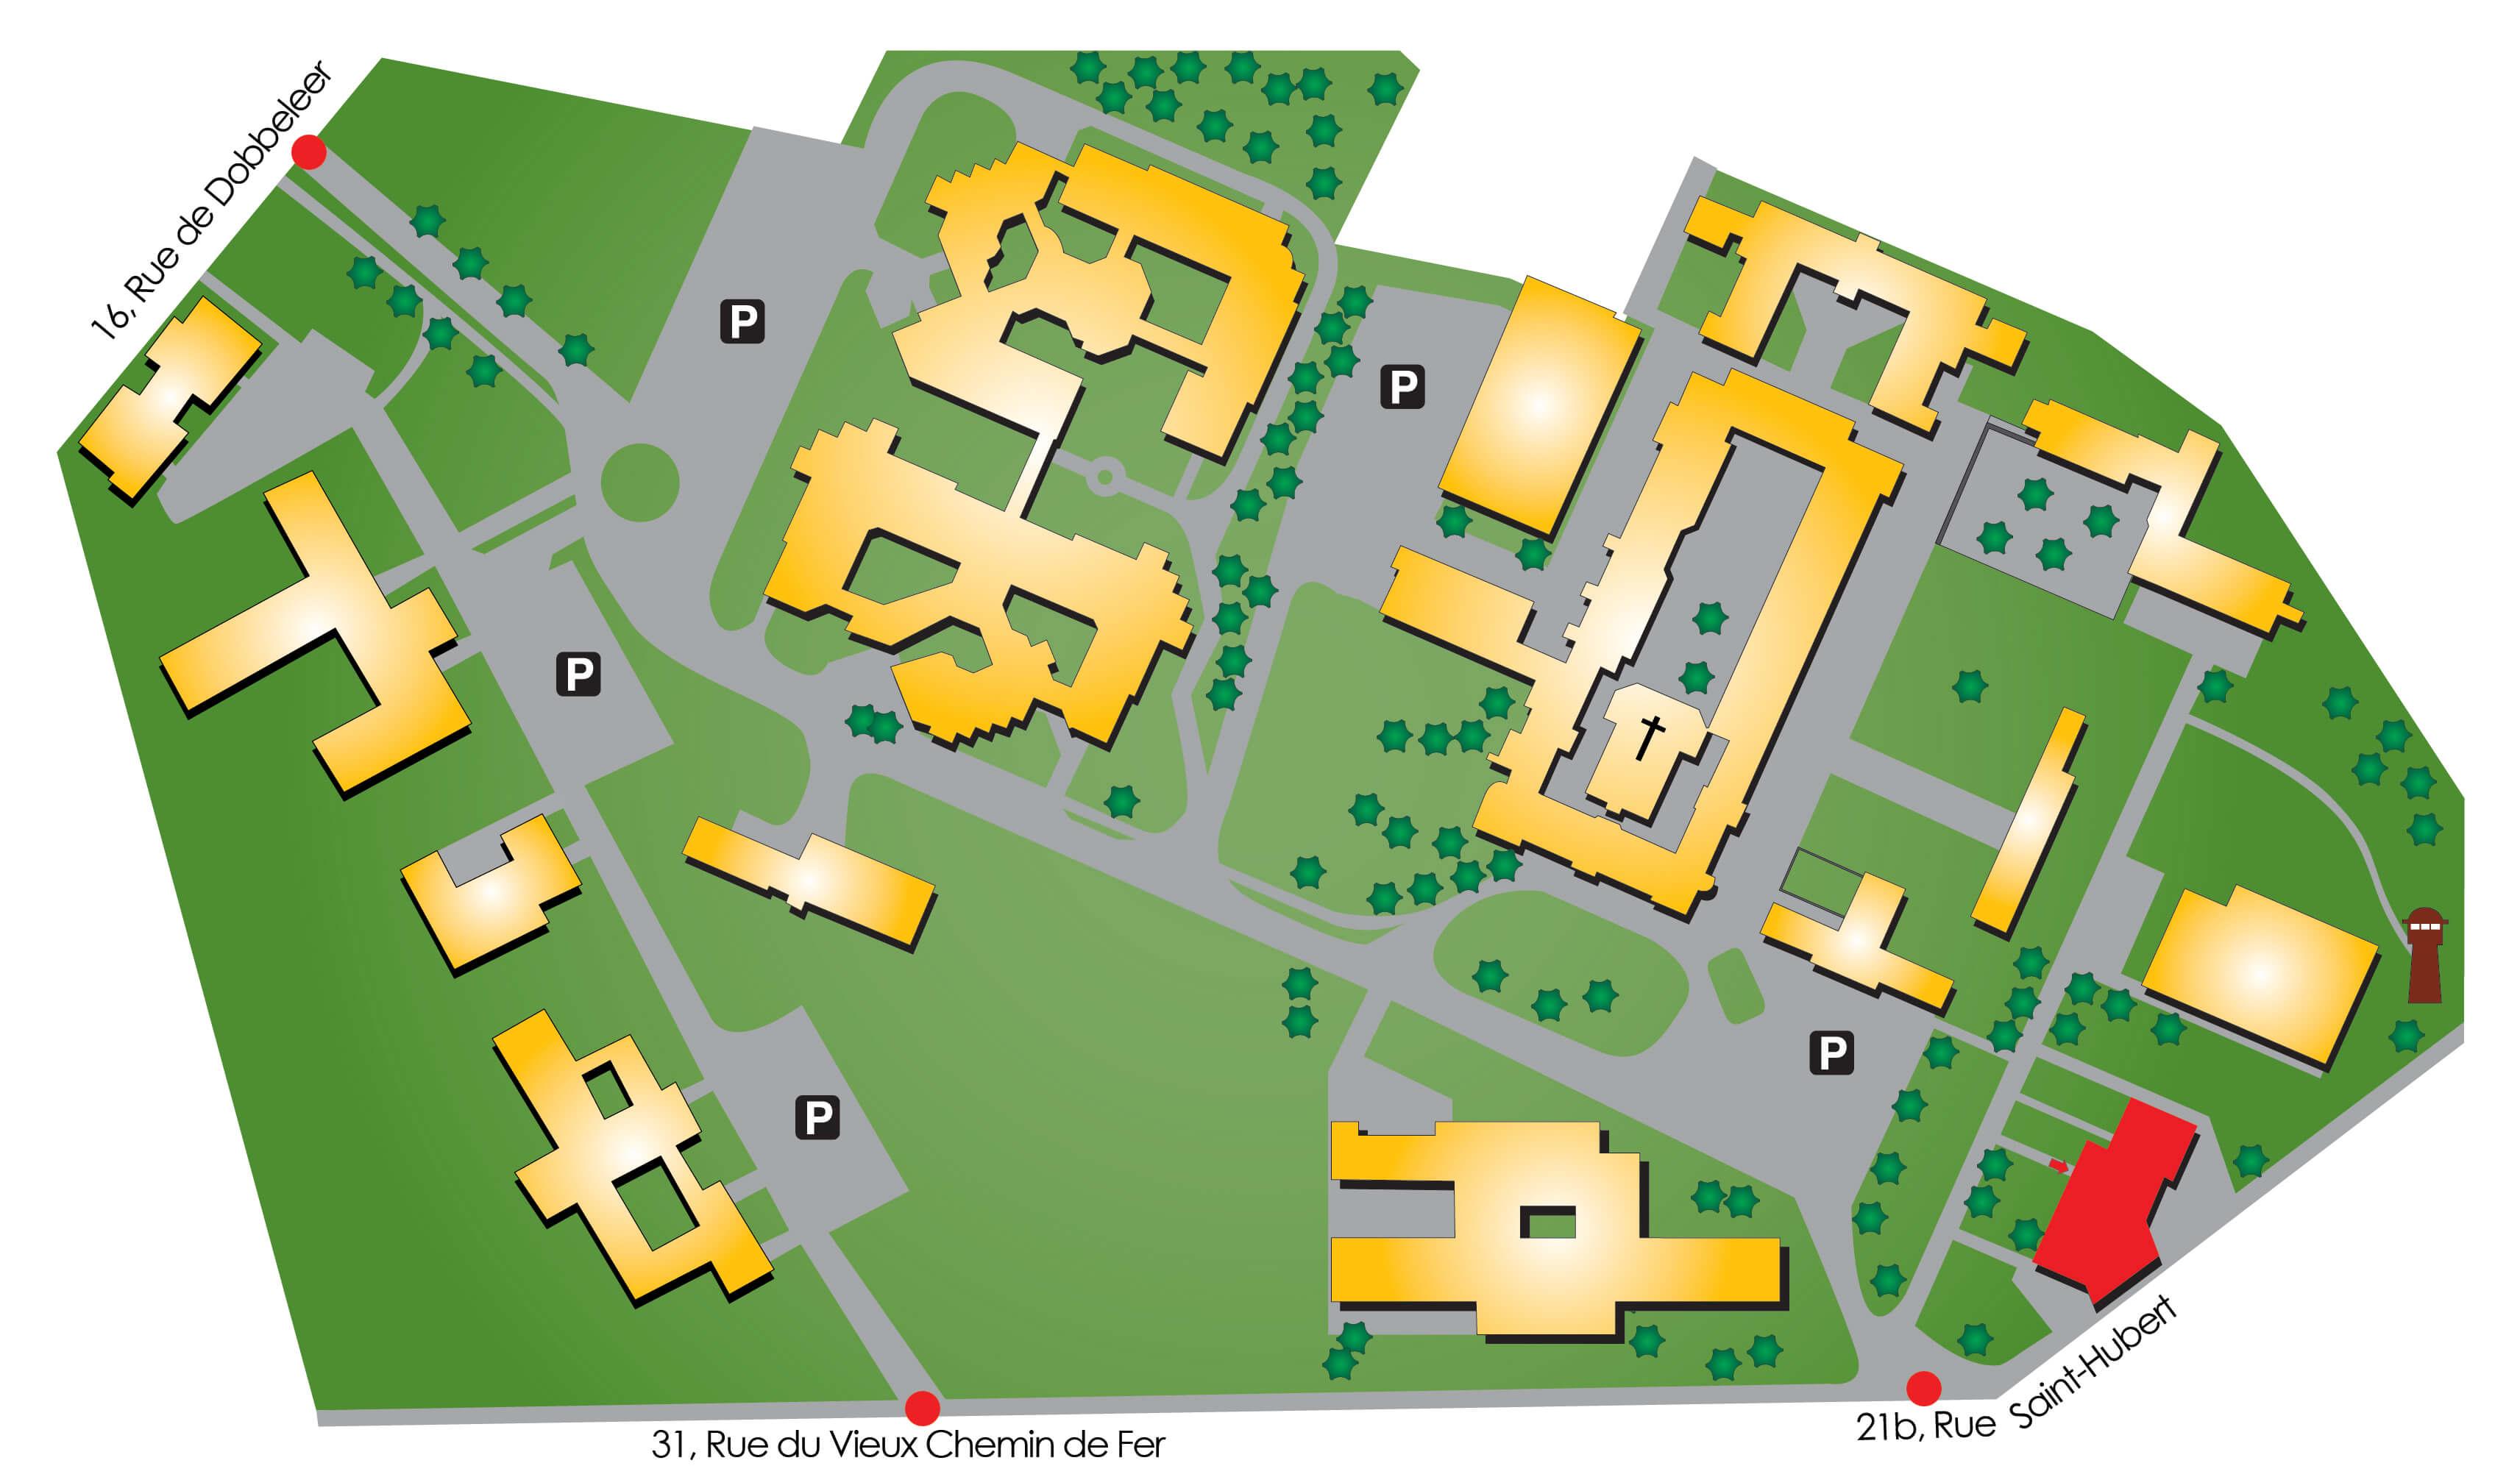 Plan d'accès de l'Hôpital de Jour